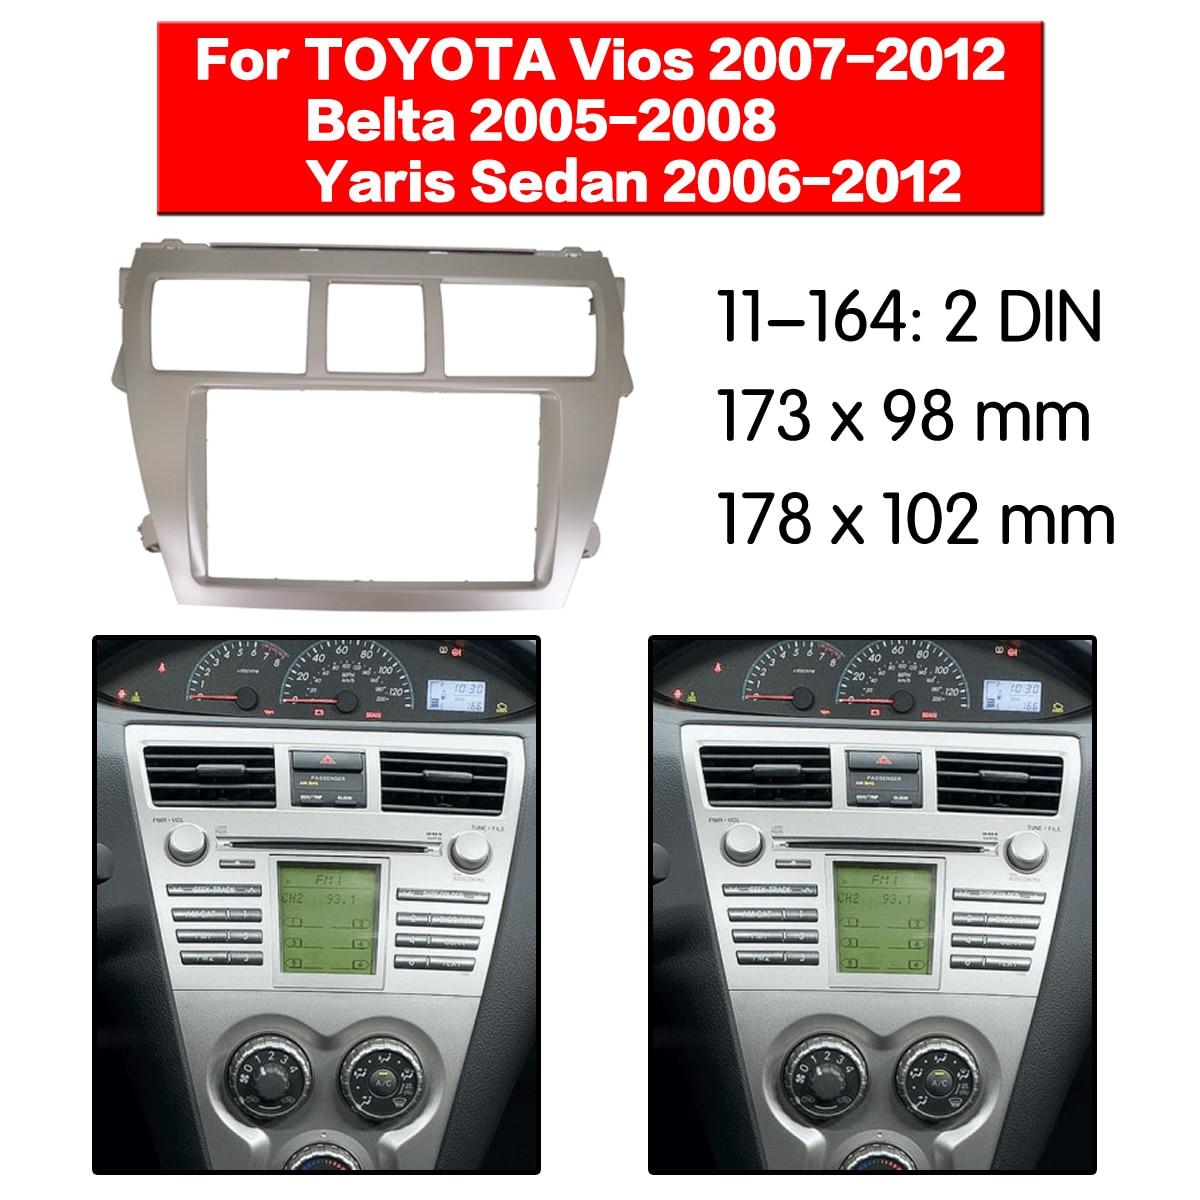 Toyota YARIS auto CD Estéreo Radio Fascia Facia Kit de Montaje de Sonido Envolvente Placa De Panel